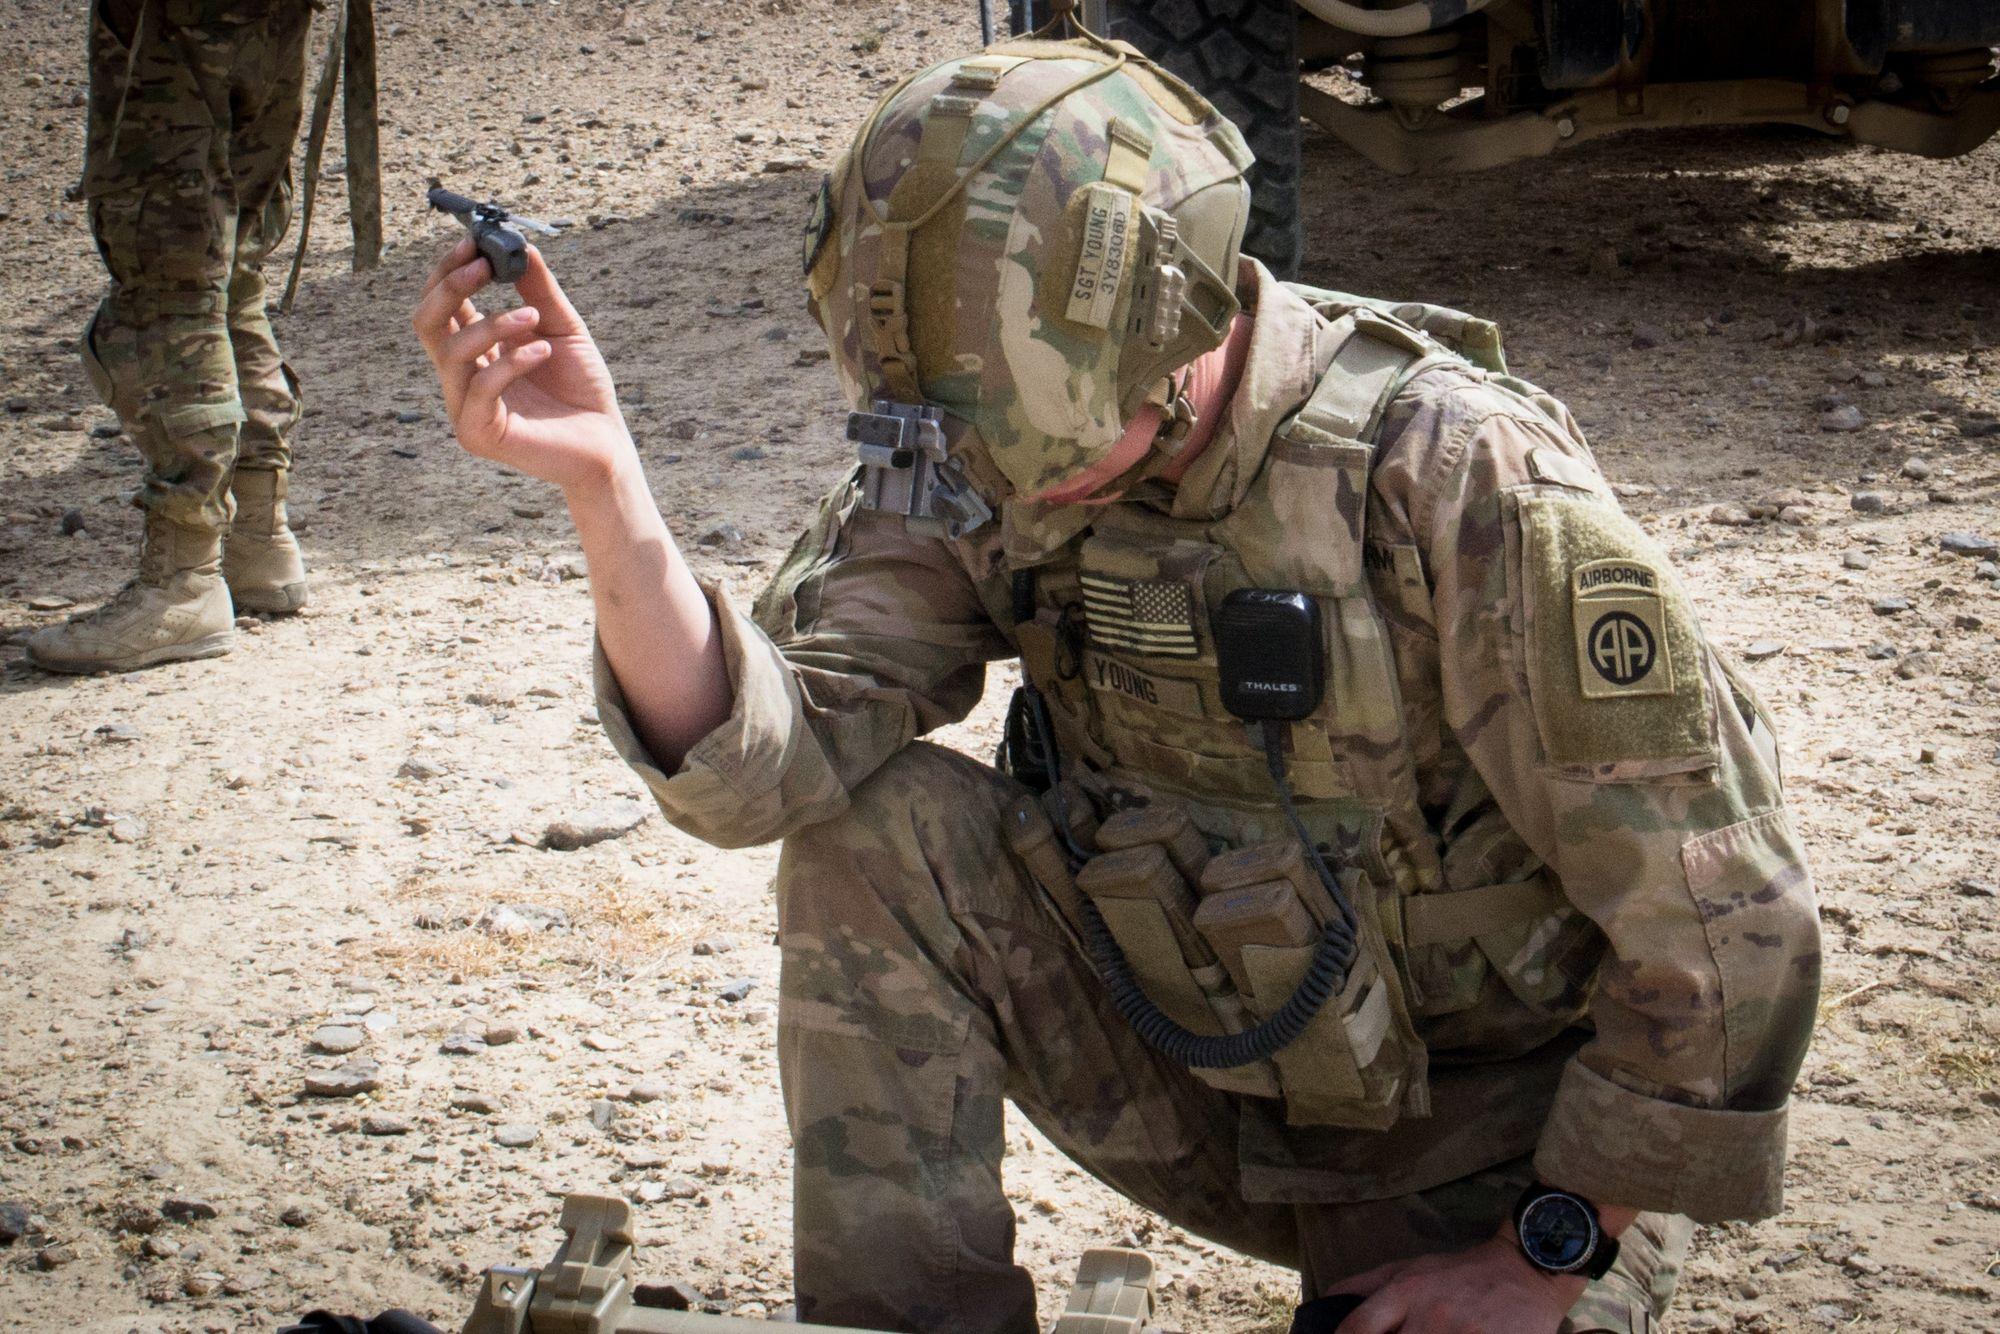 Amerikanske Hæren Tidligere ÅrNå Den I Bruker Black